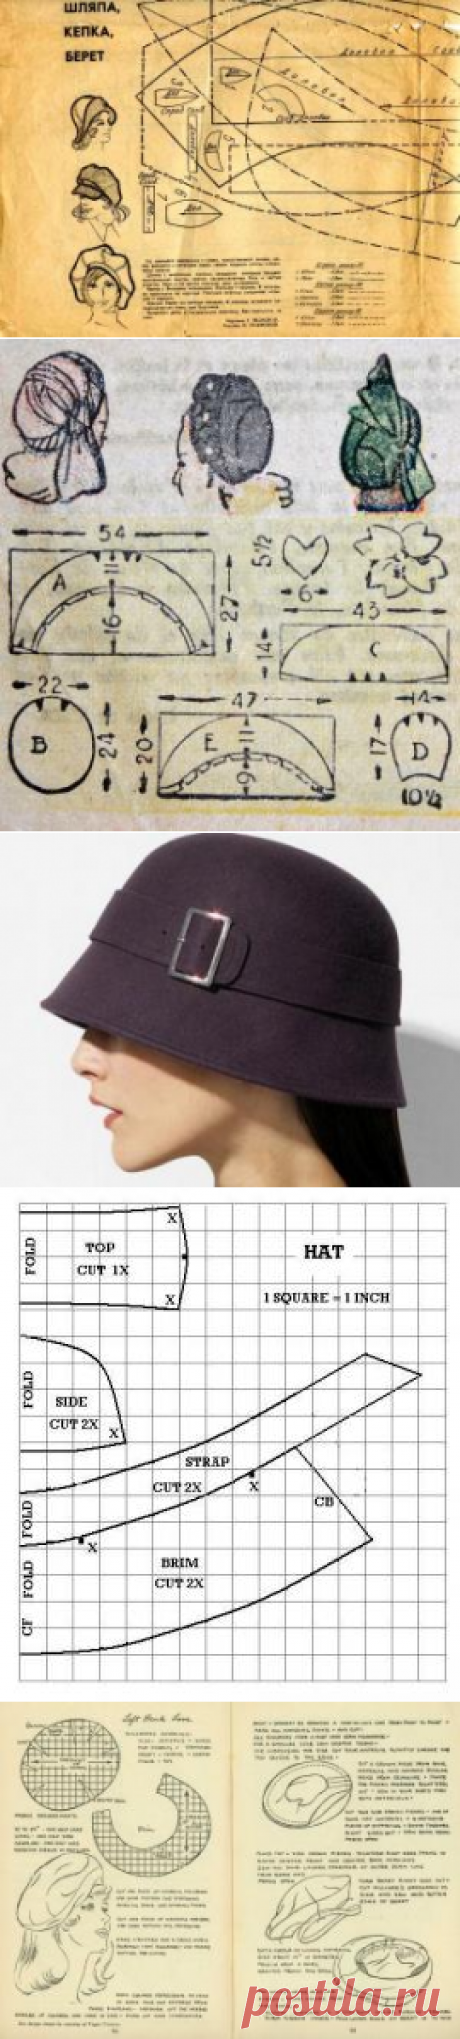 Buscar posts: выкройка шапки